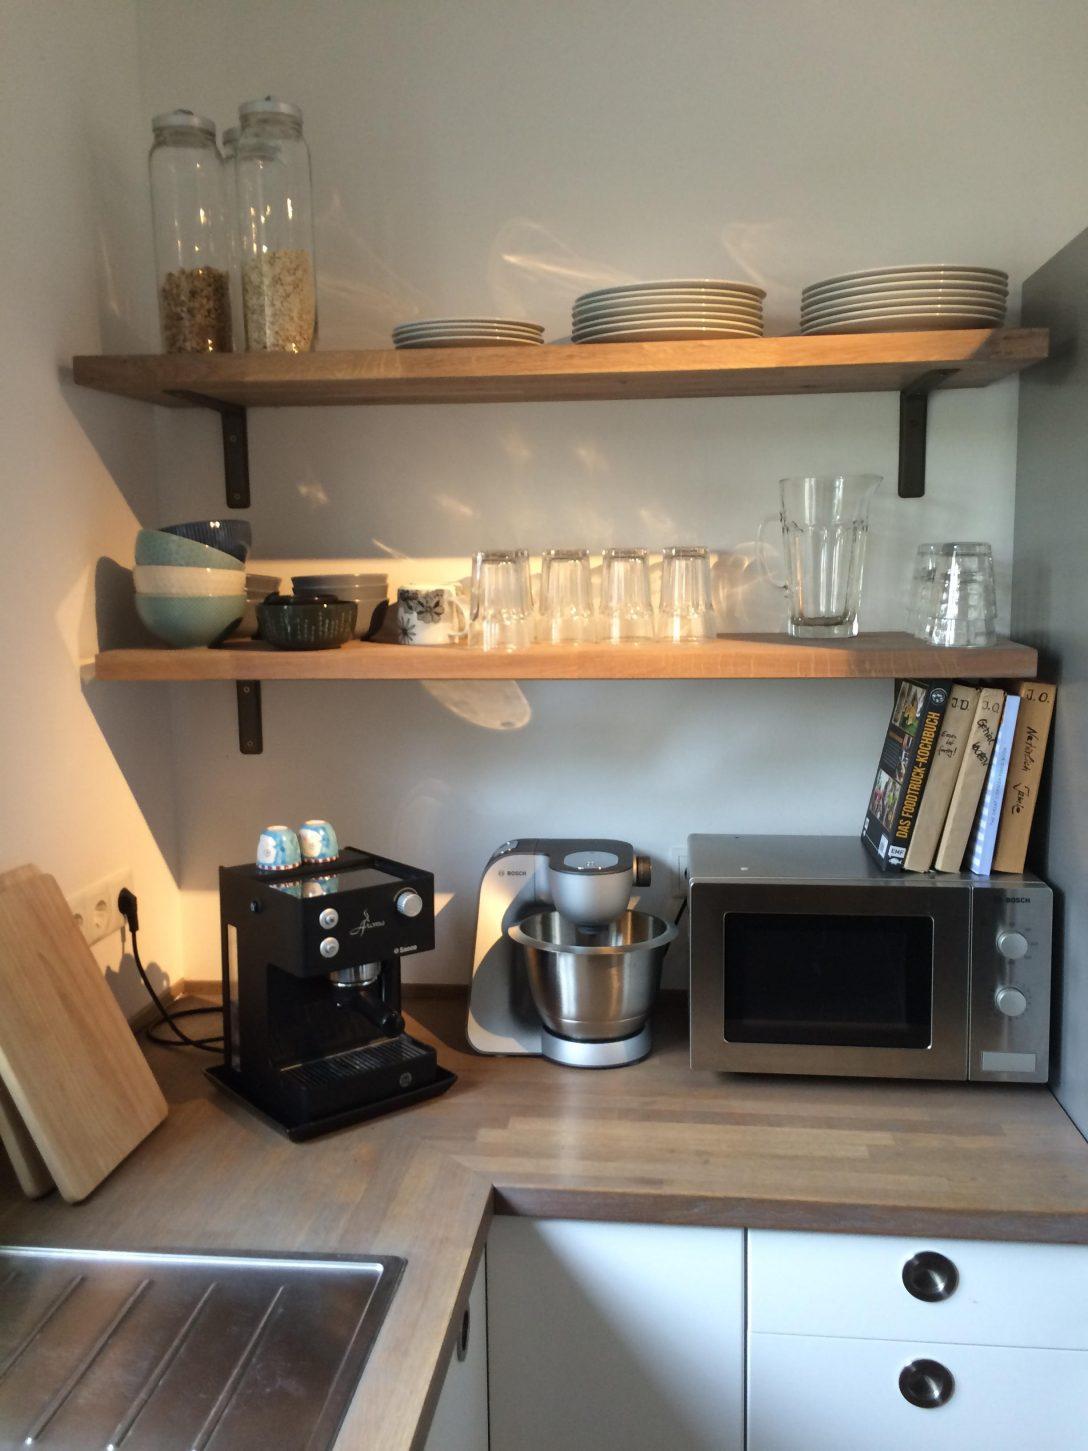 Large Size of Bodenfliesen Küche Läufer Ikea Kosten Arbeitsplatten Anrichte Industrielook Led Deckenleuchte Wandbelag Miele Alno Wohnzimmer Wandregal Küche Ikea